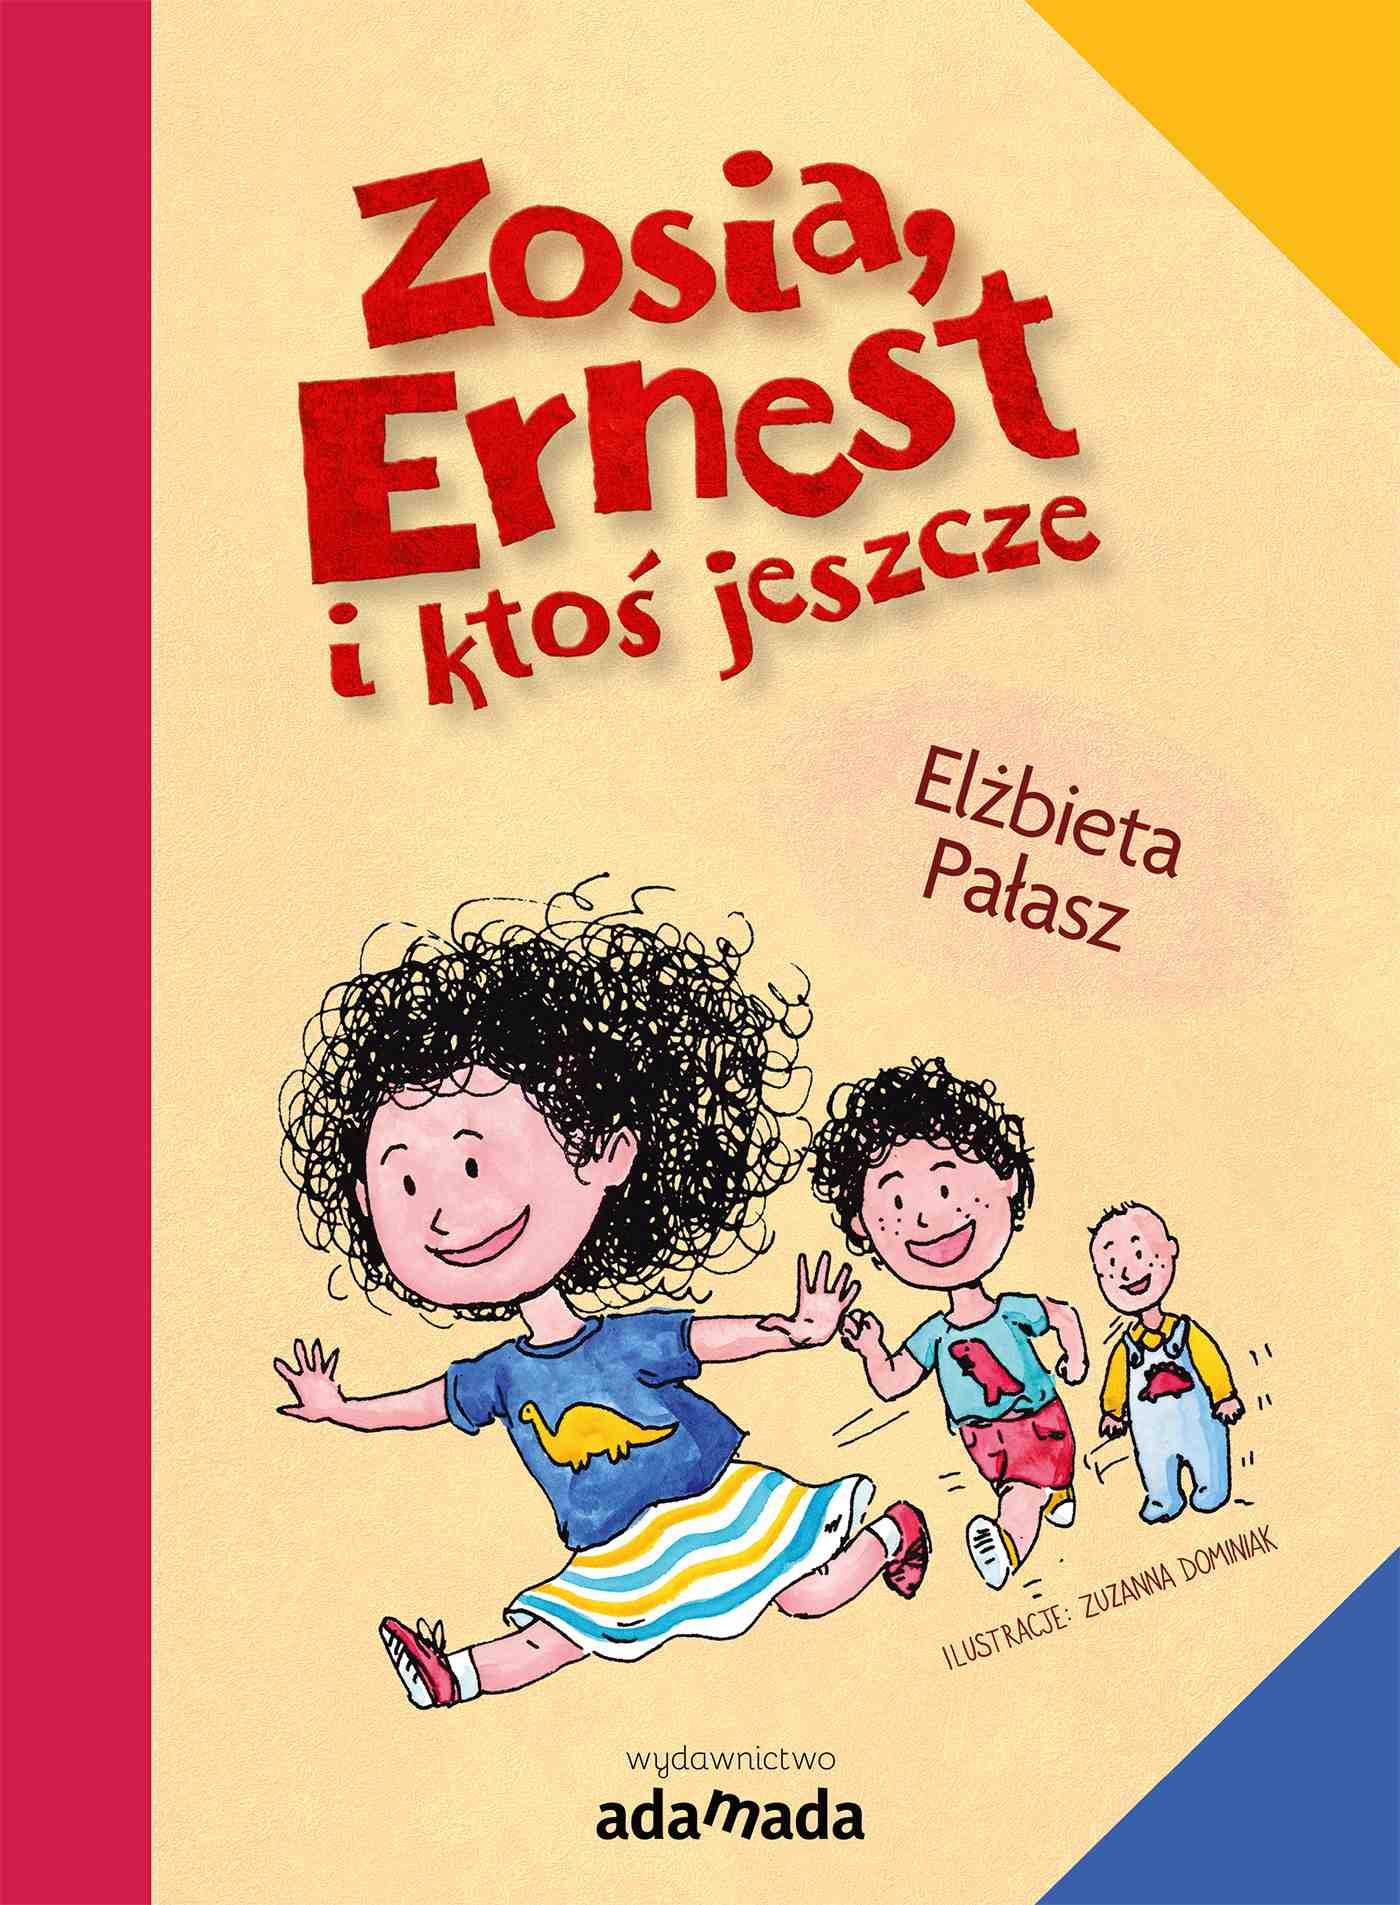 Zosia, Ernest i ktoś jeszcze - Ebook (Książka EPUB) do pobrania w formacie EPUB